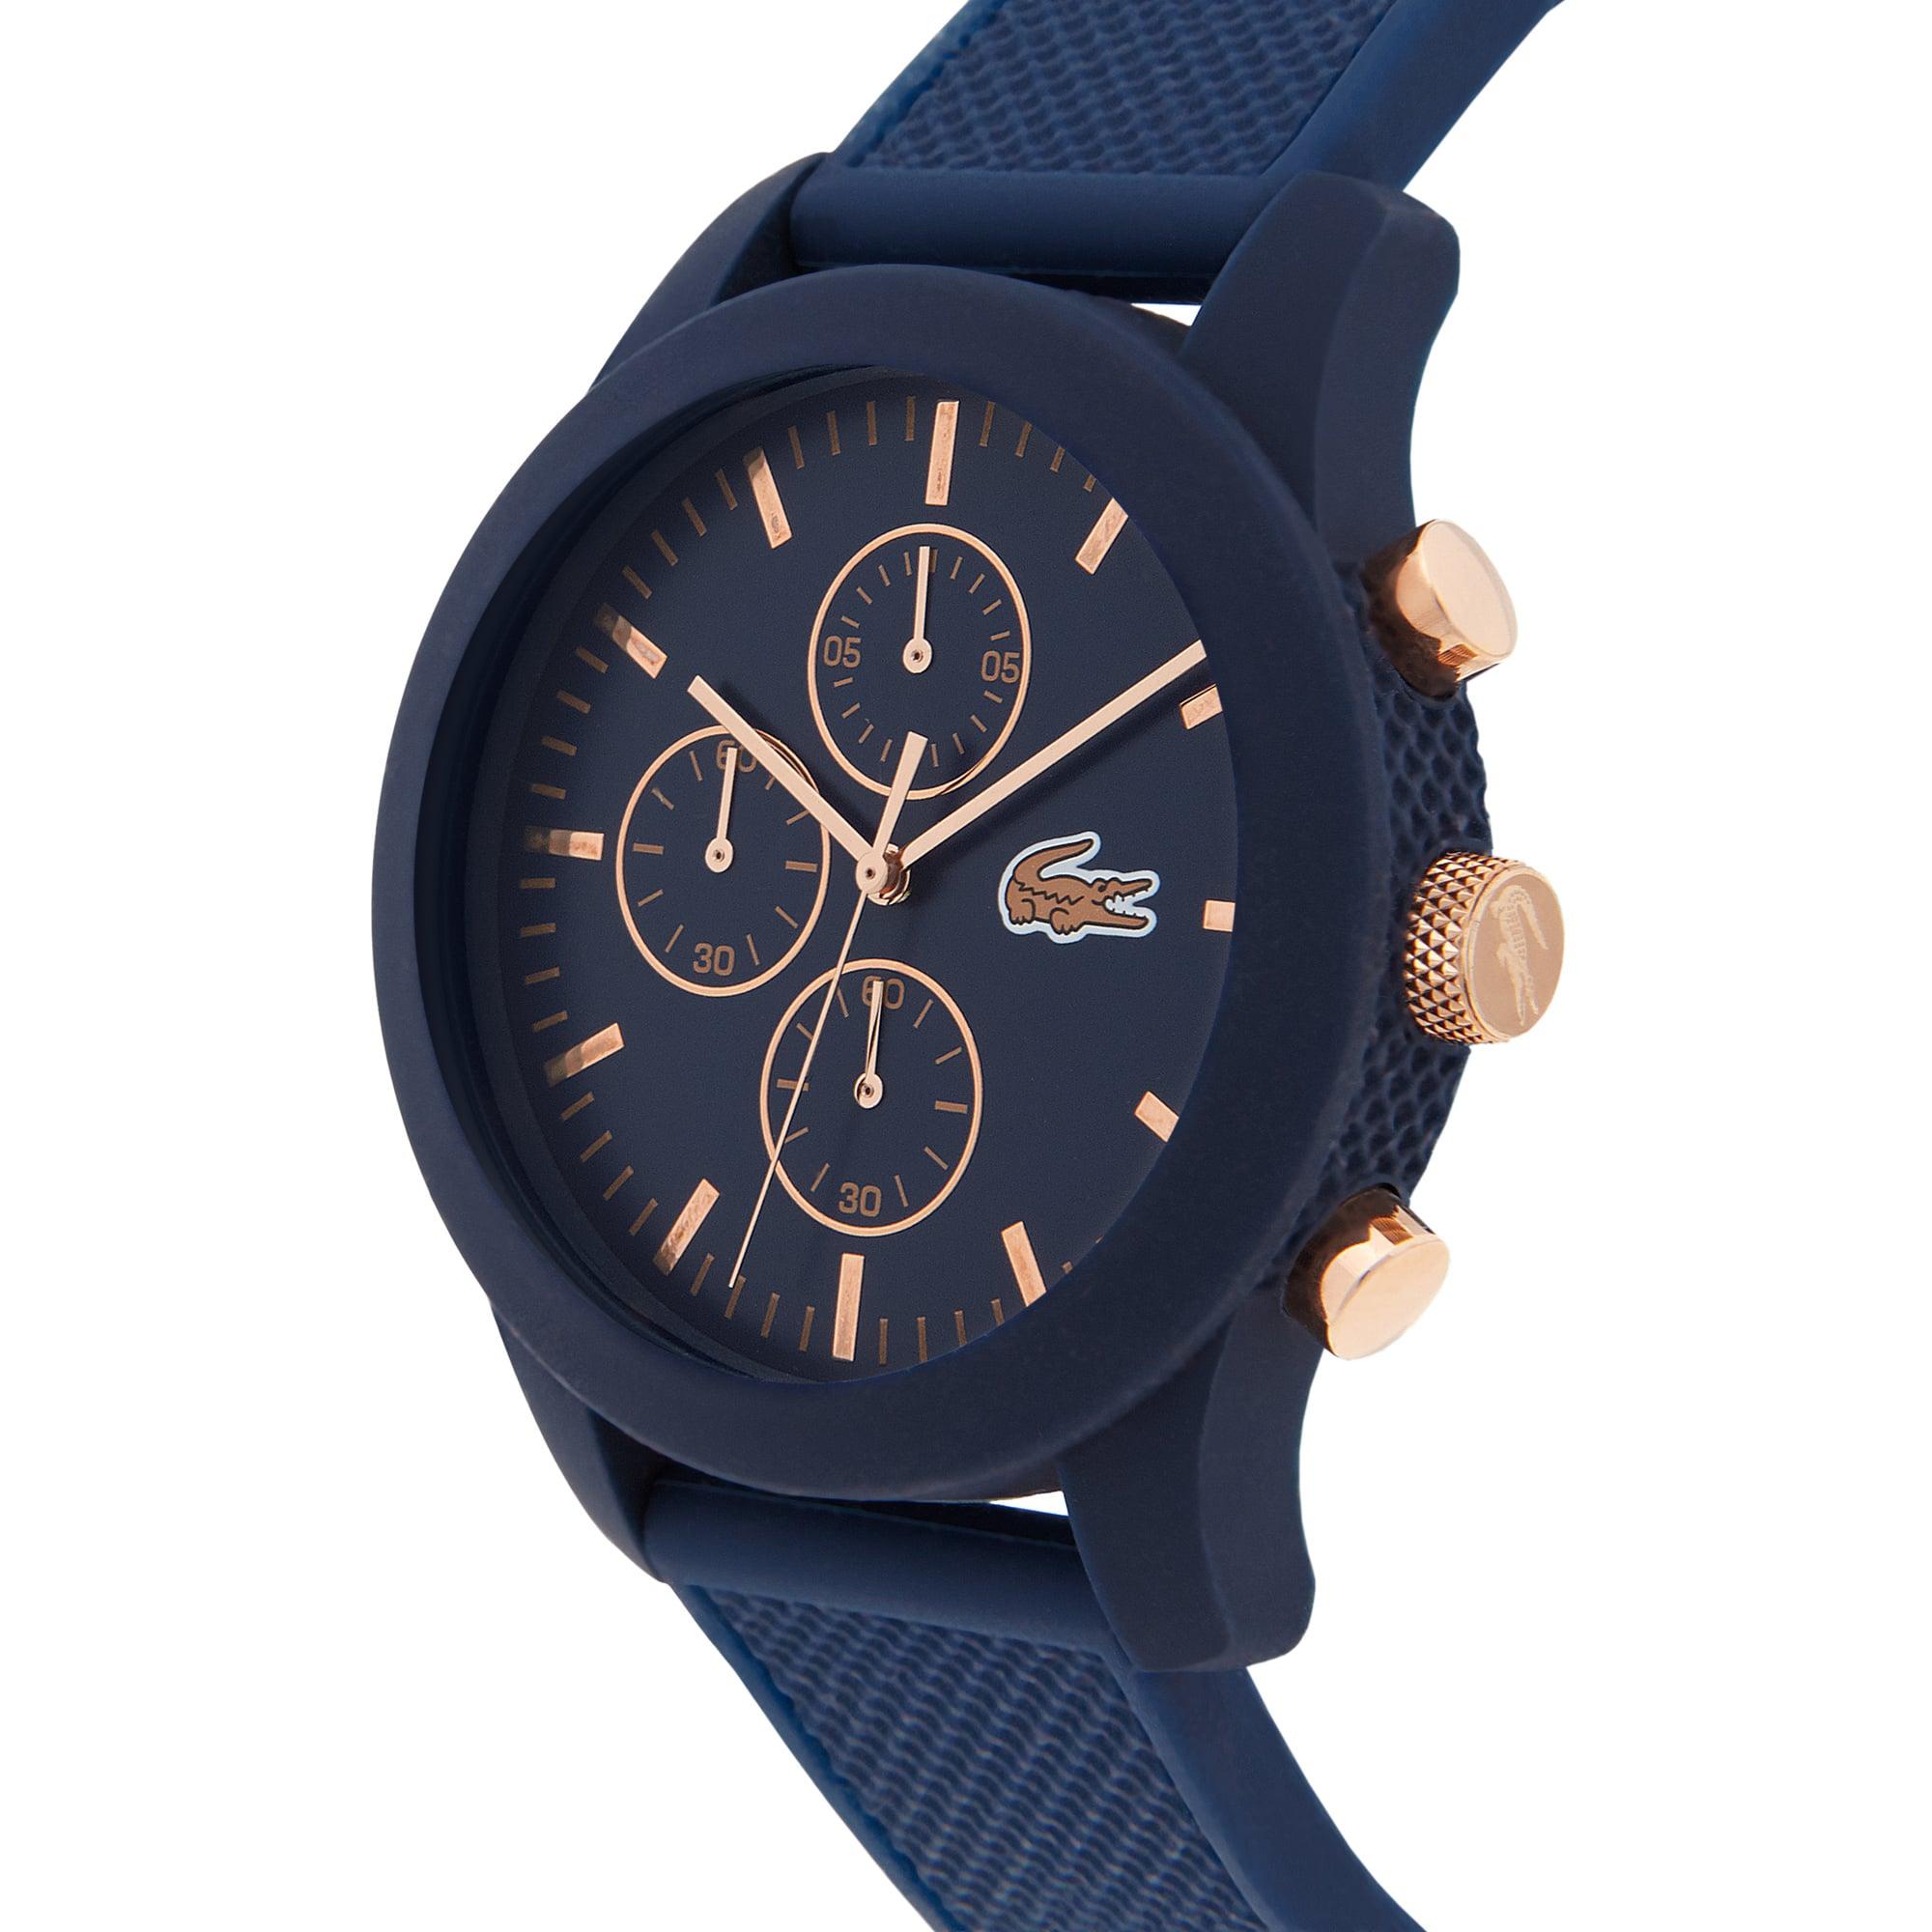 Montre Lacoste.12.12 chronographe - bracelet bleu détails or rose